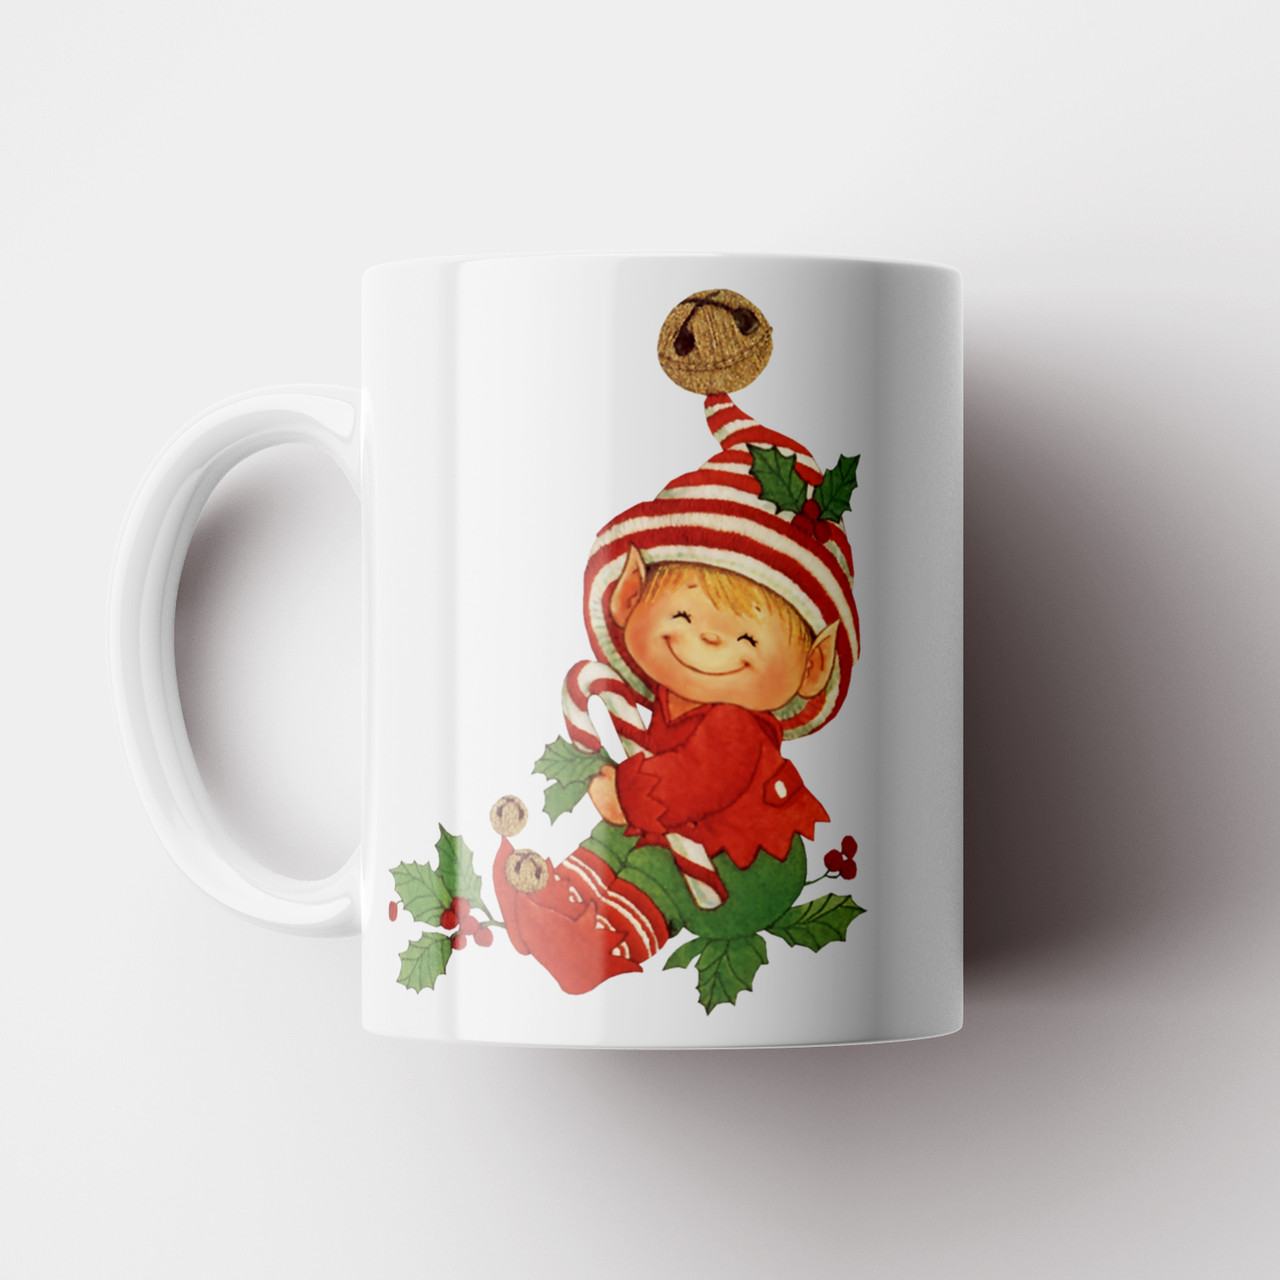 Кружка Merry Christmas. Новогодняя чашка №14. Новый Год